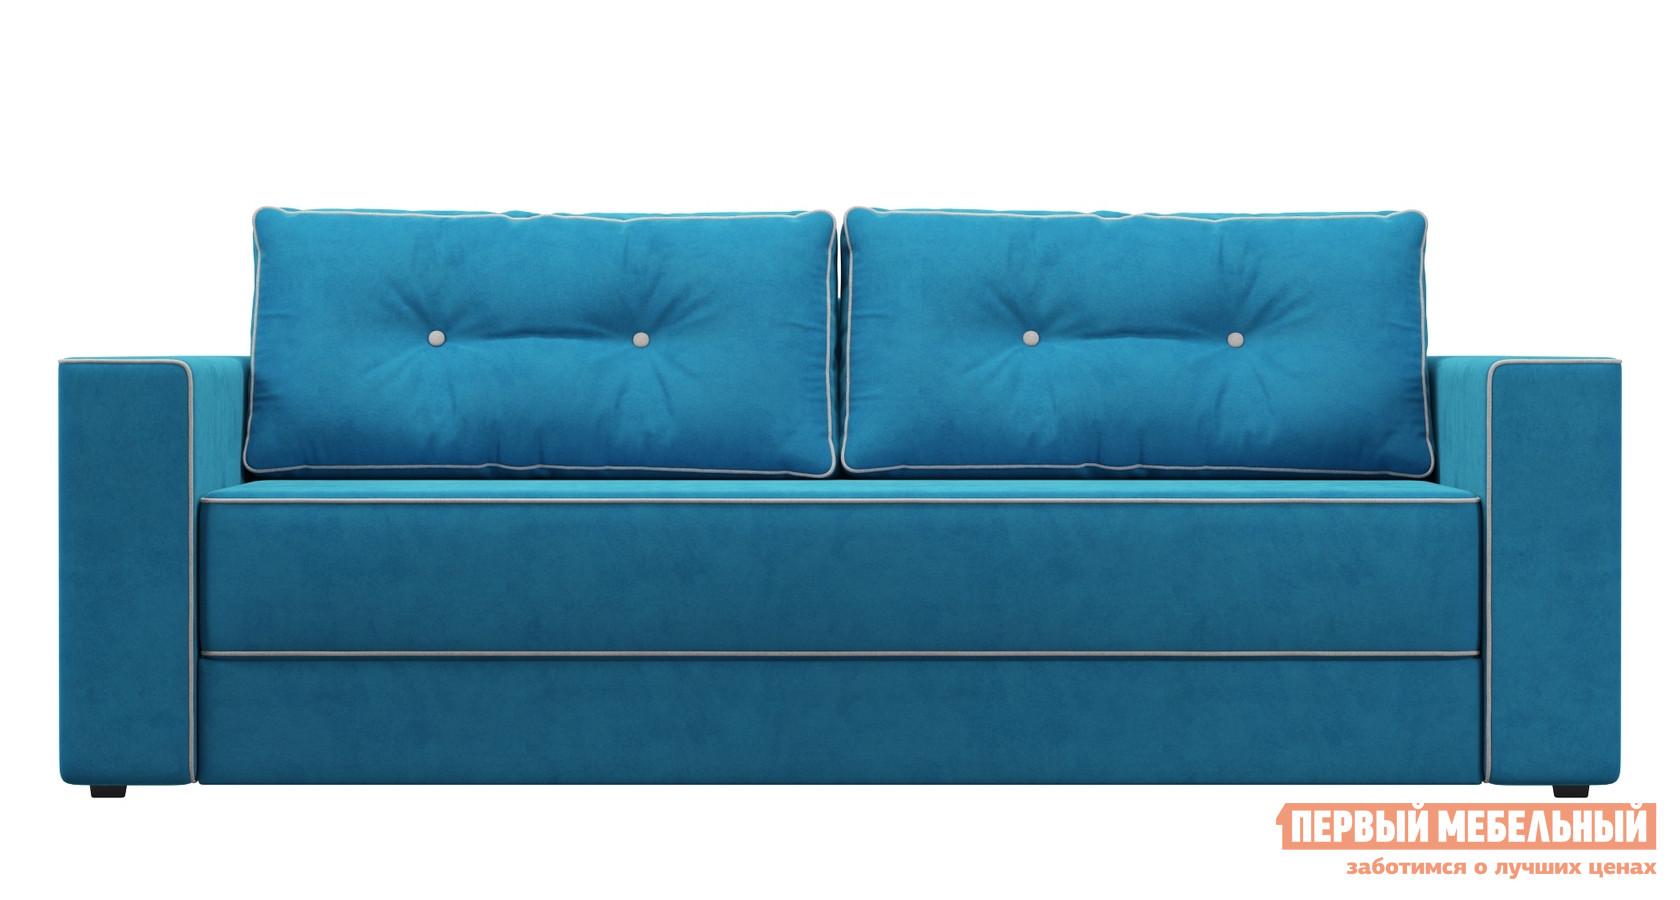 Диван-кровать угловой WOODCRAFT Сильвио диван угловой woodcraft вендор джеральд 3 универсальный